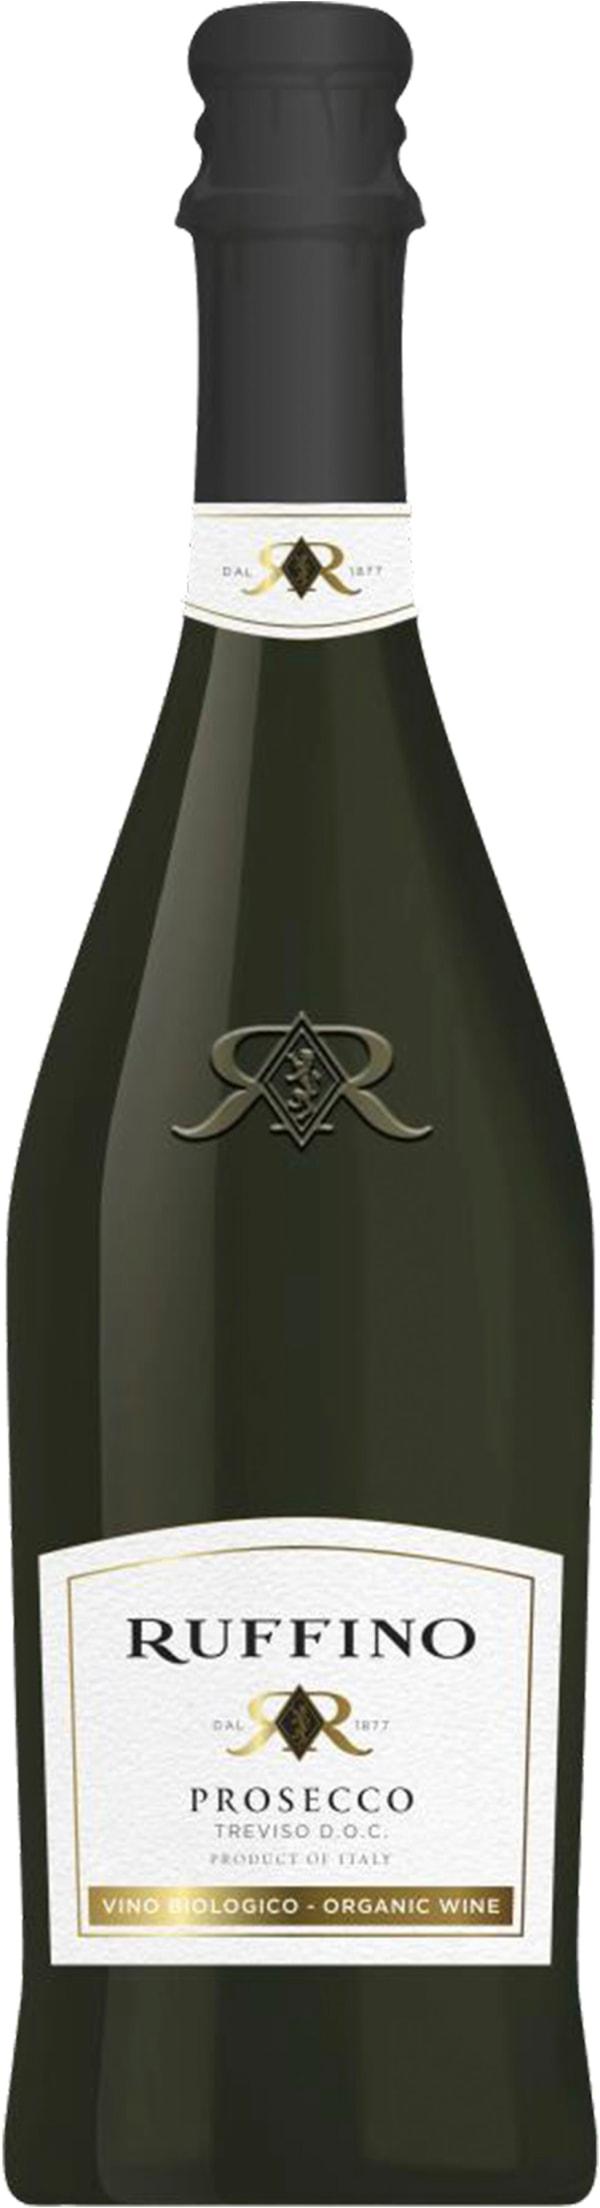 Ruffino Prosecco Extra Dry